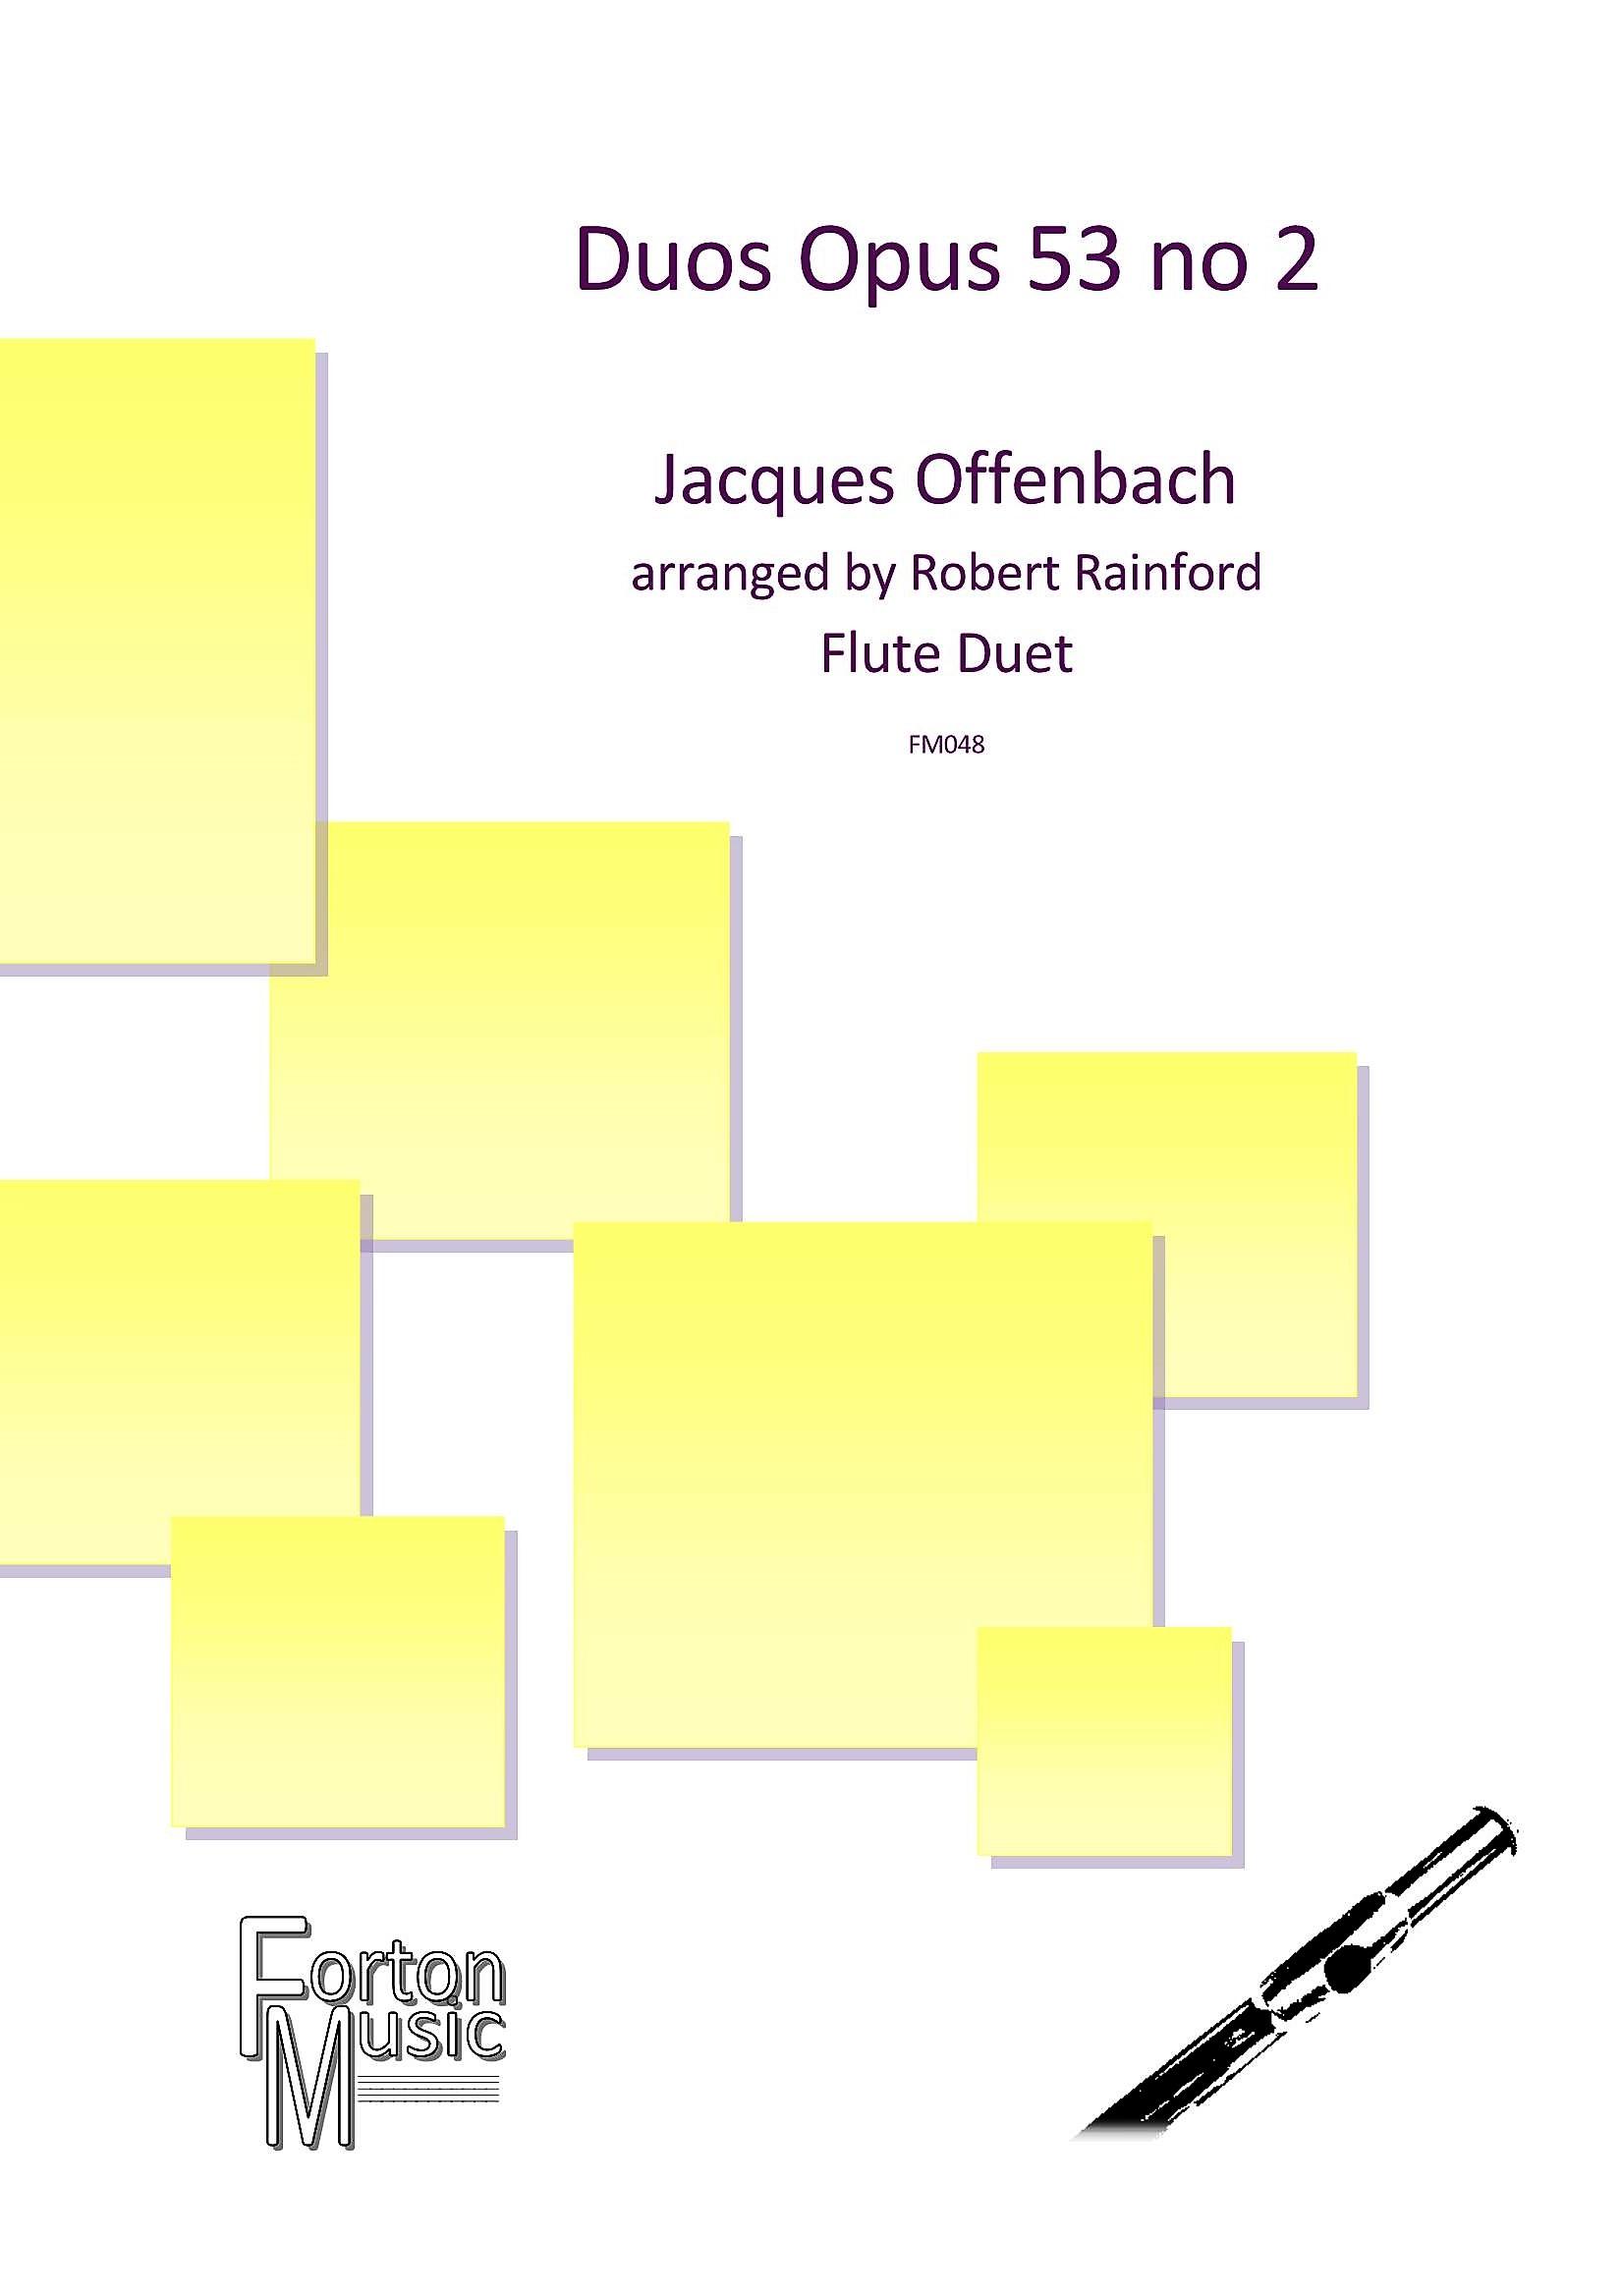 Duos Opus 53 no 2